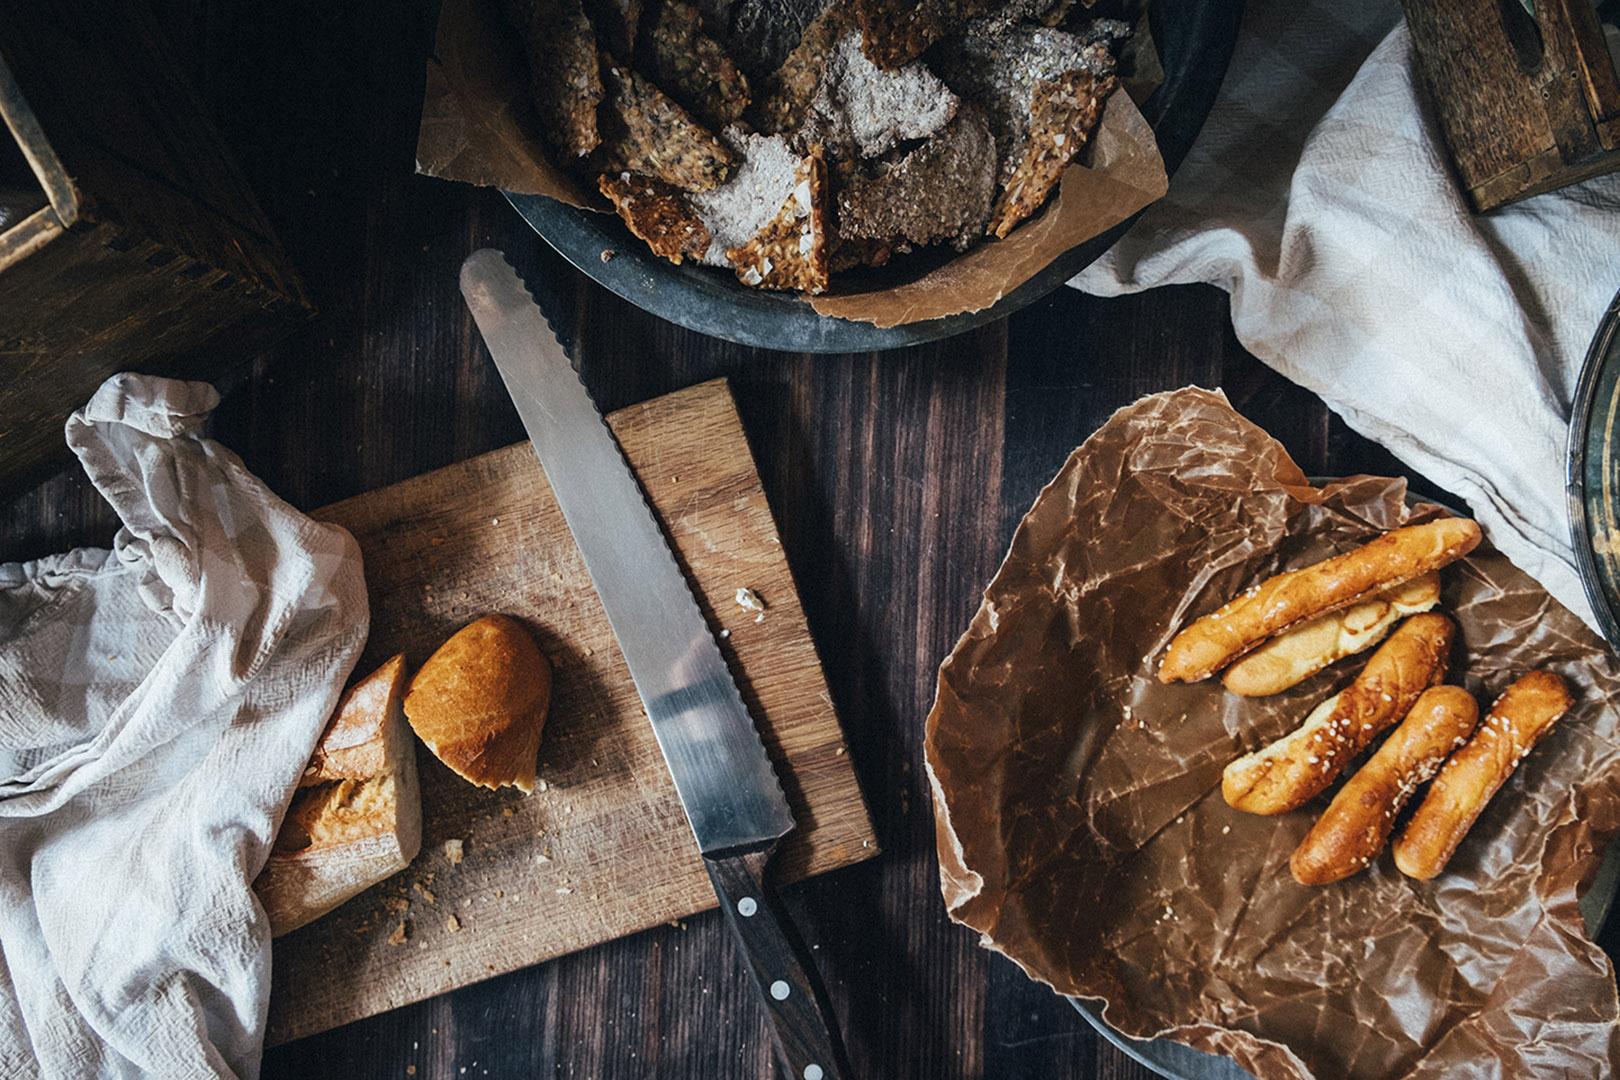 3_Isbolaget_05_bread_Andreas Silverblad